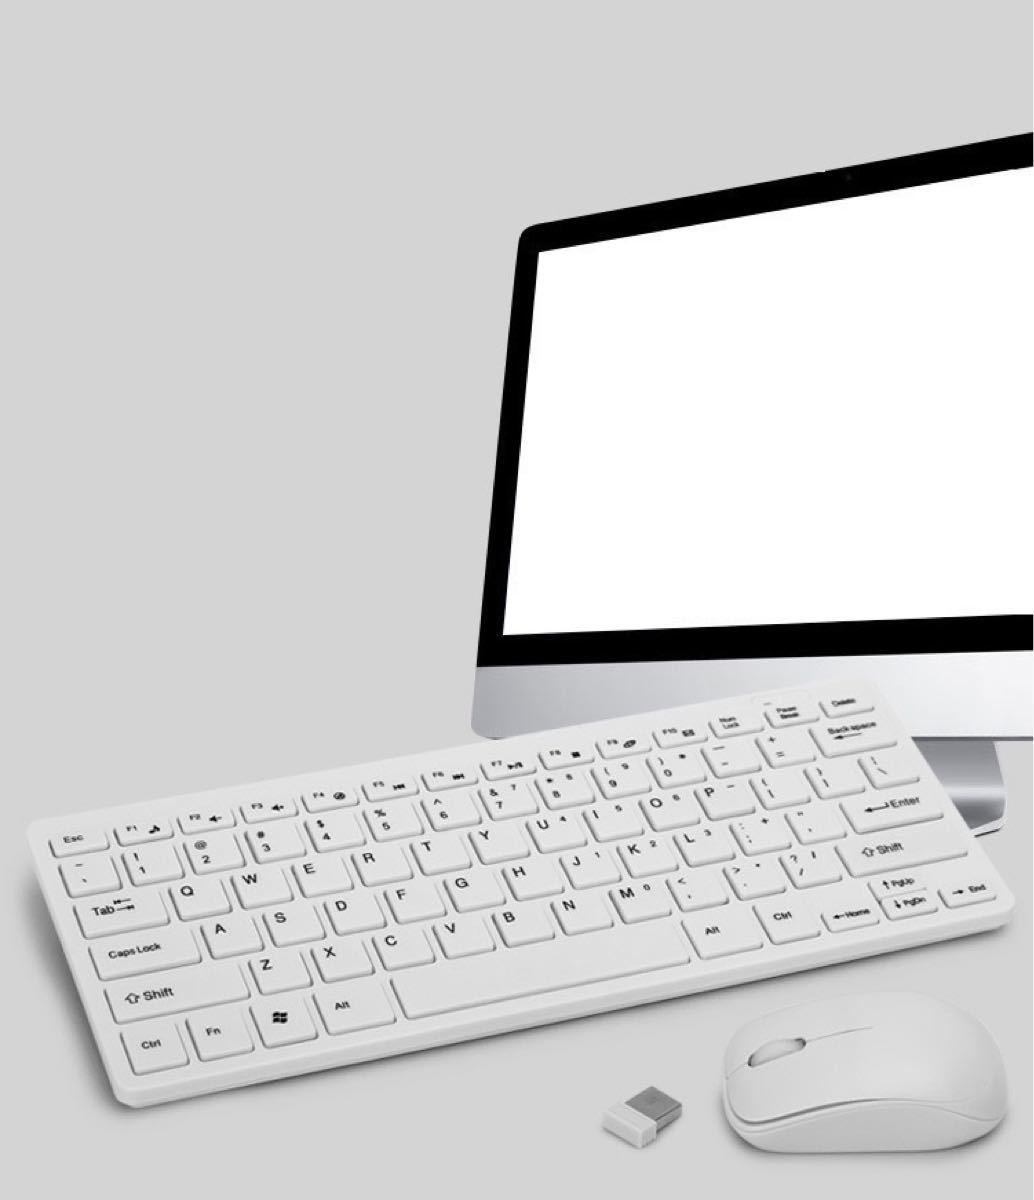 ワイヤレスキーボードキーボード&マウス ミニワイヤレスキーボード&マウスセット